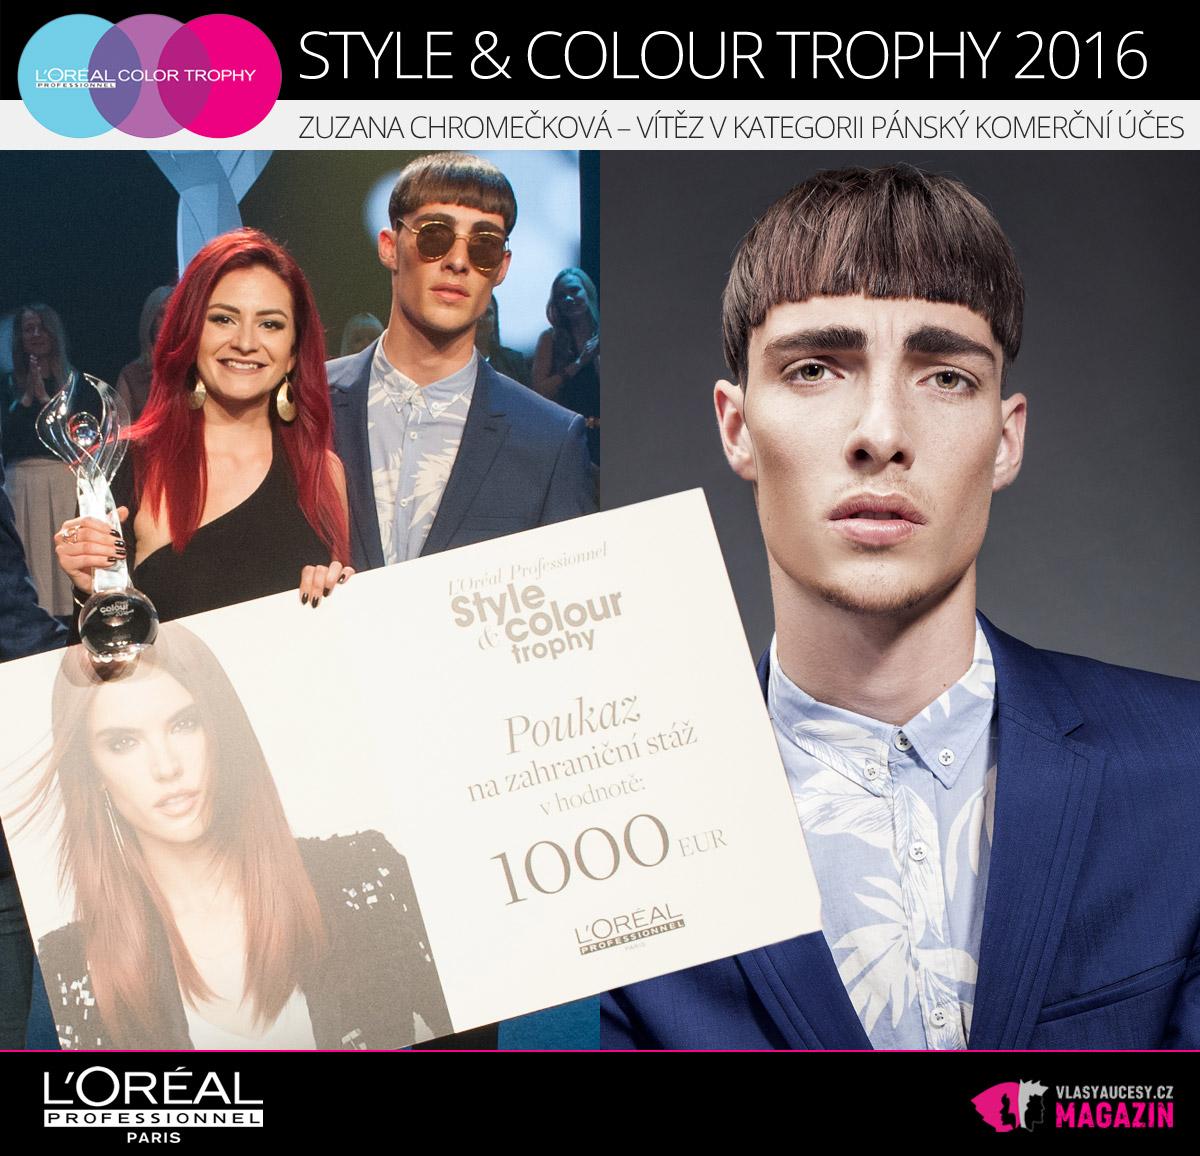 V pánských účesech zvítězila Zuzana Chromečková, která nám sdělila, že její inspirací jsou hlavně fashion weeky a móda v zahraničí.